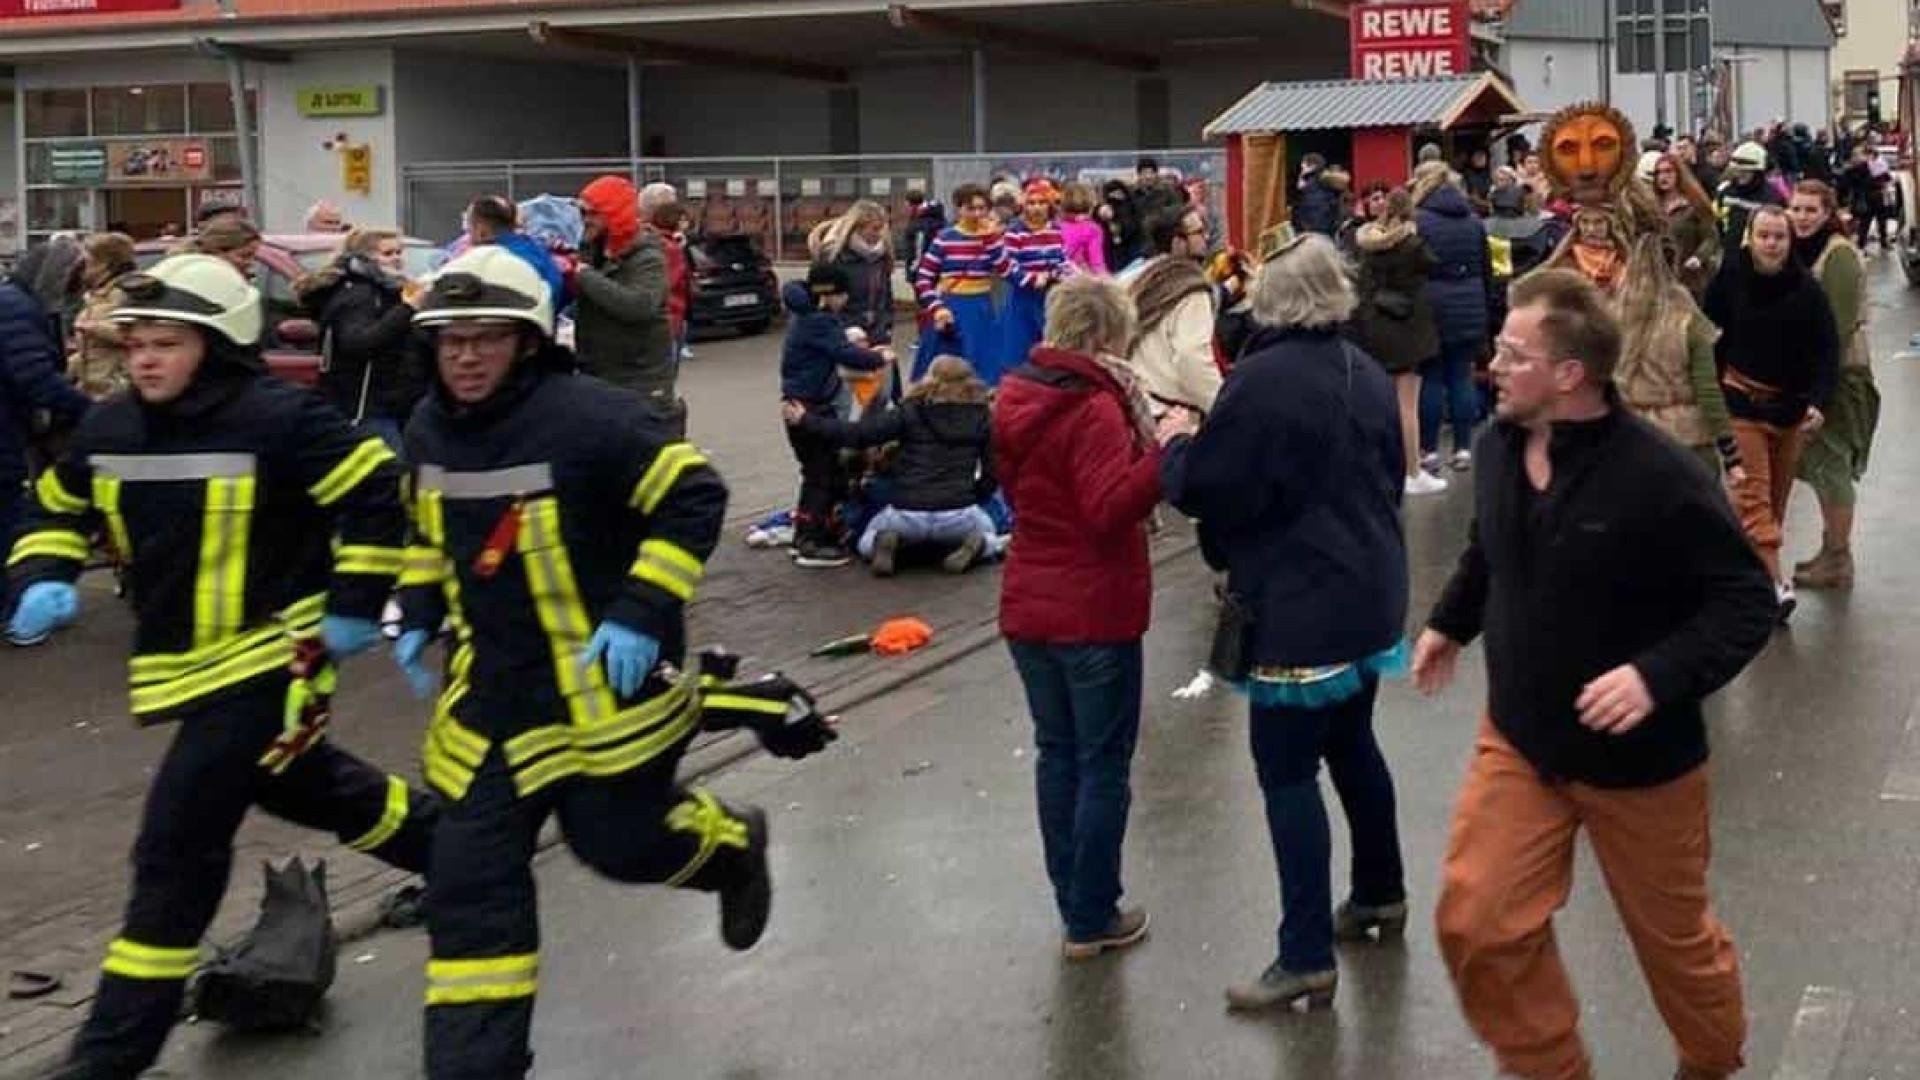 Ataque com carro deixa 30 feridos em desfile de Carnaval na Alemanha